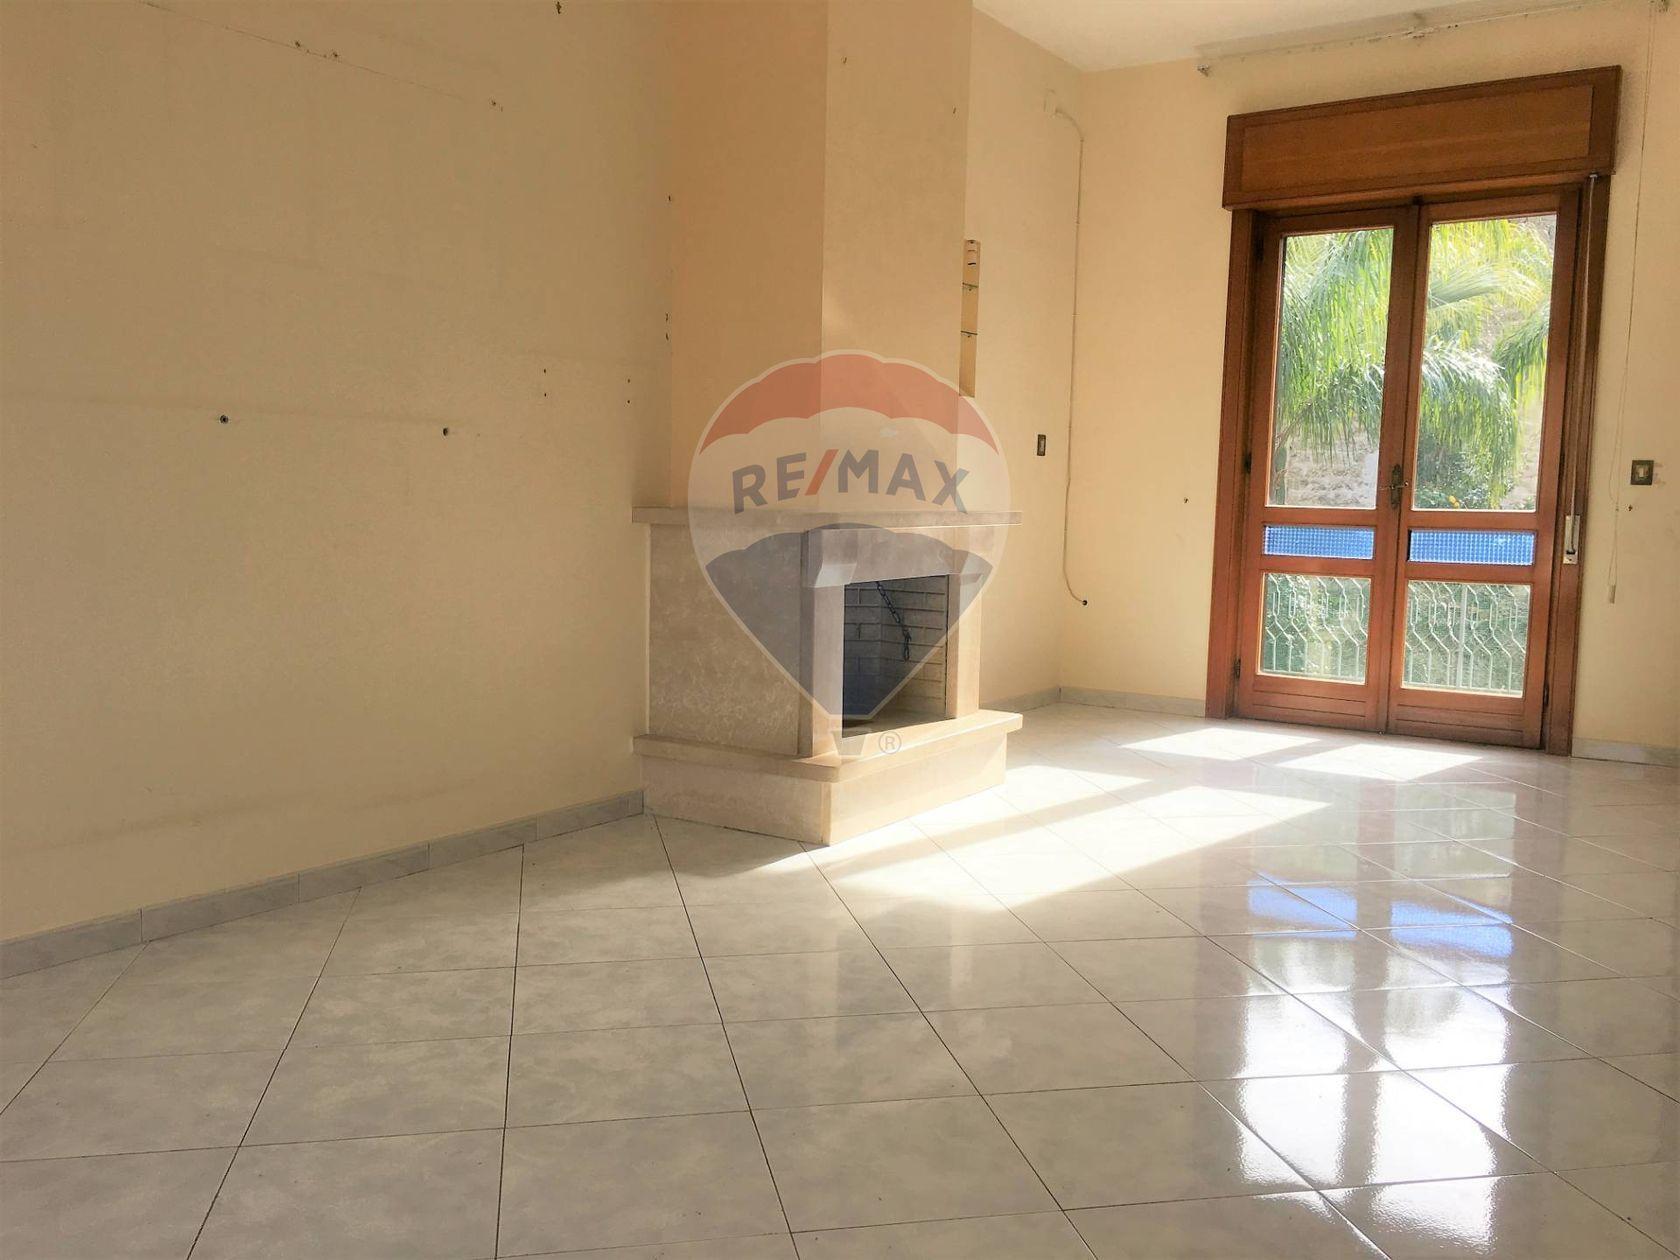 Appartamento Gricignano di Aversa, CE Vendita - Foto 3